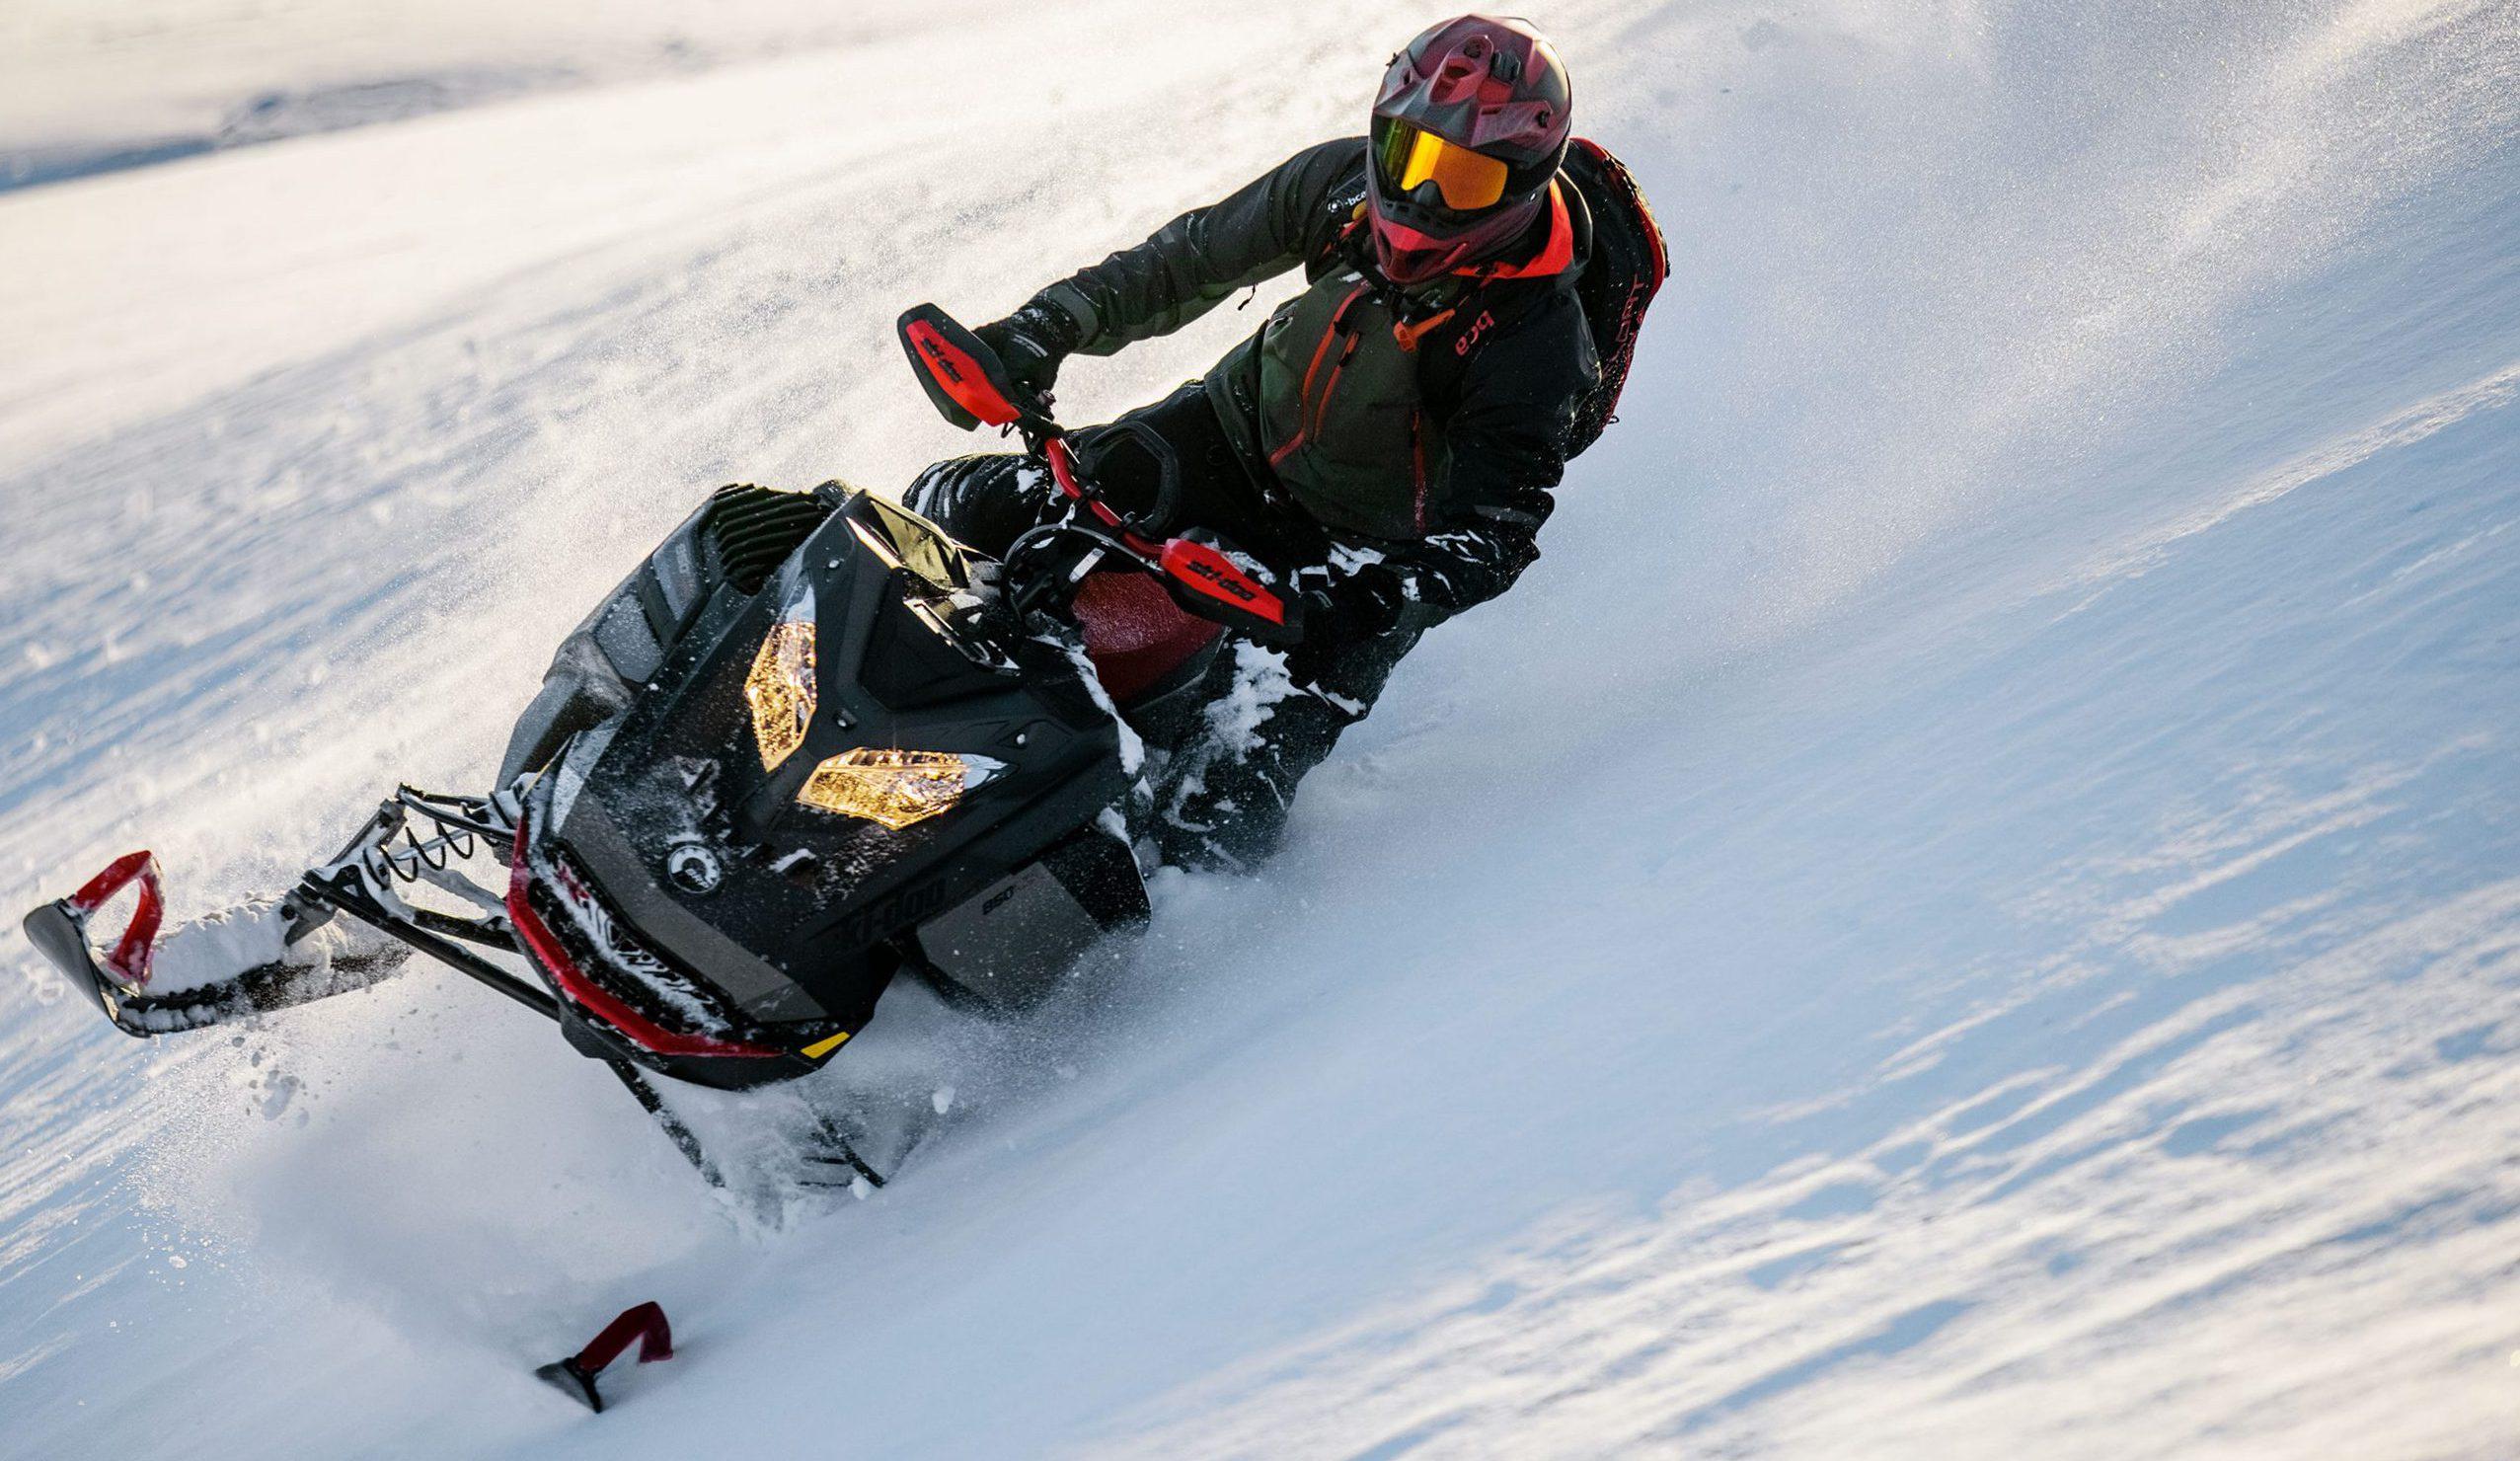 ТОП-3 лучших горных снегохода